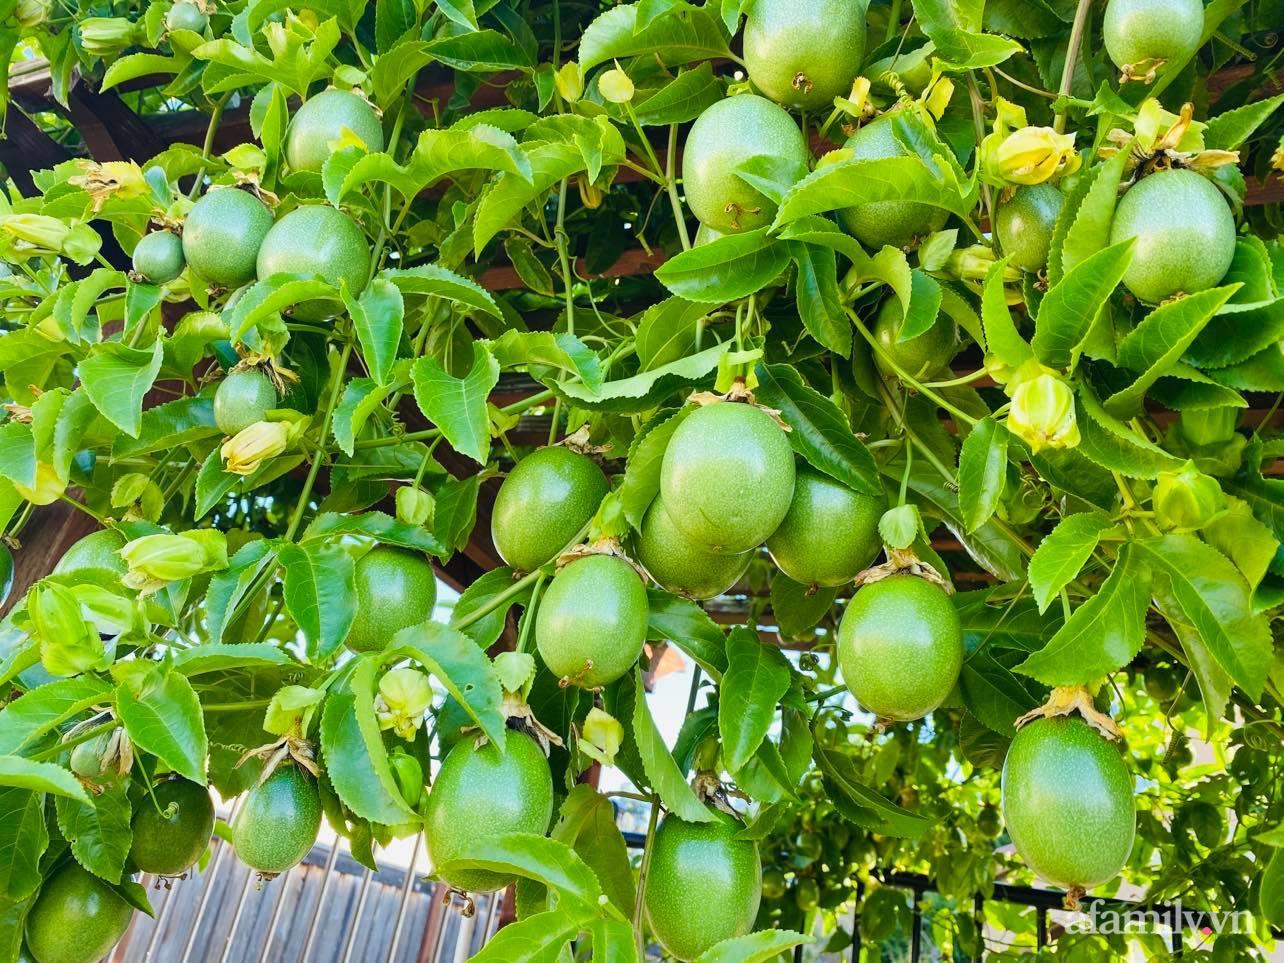 Khu vườn 800m² phủ kín đủ loại rau quả sạch của mẹ Việt đảm yêu cây - Ảnh 2.